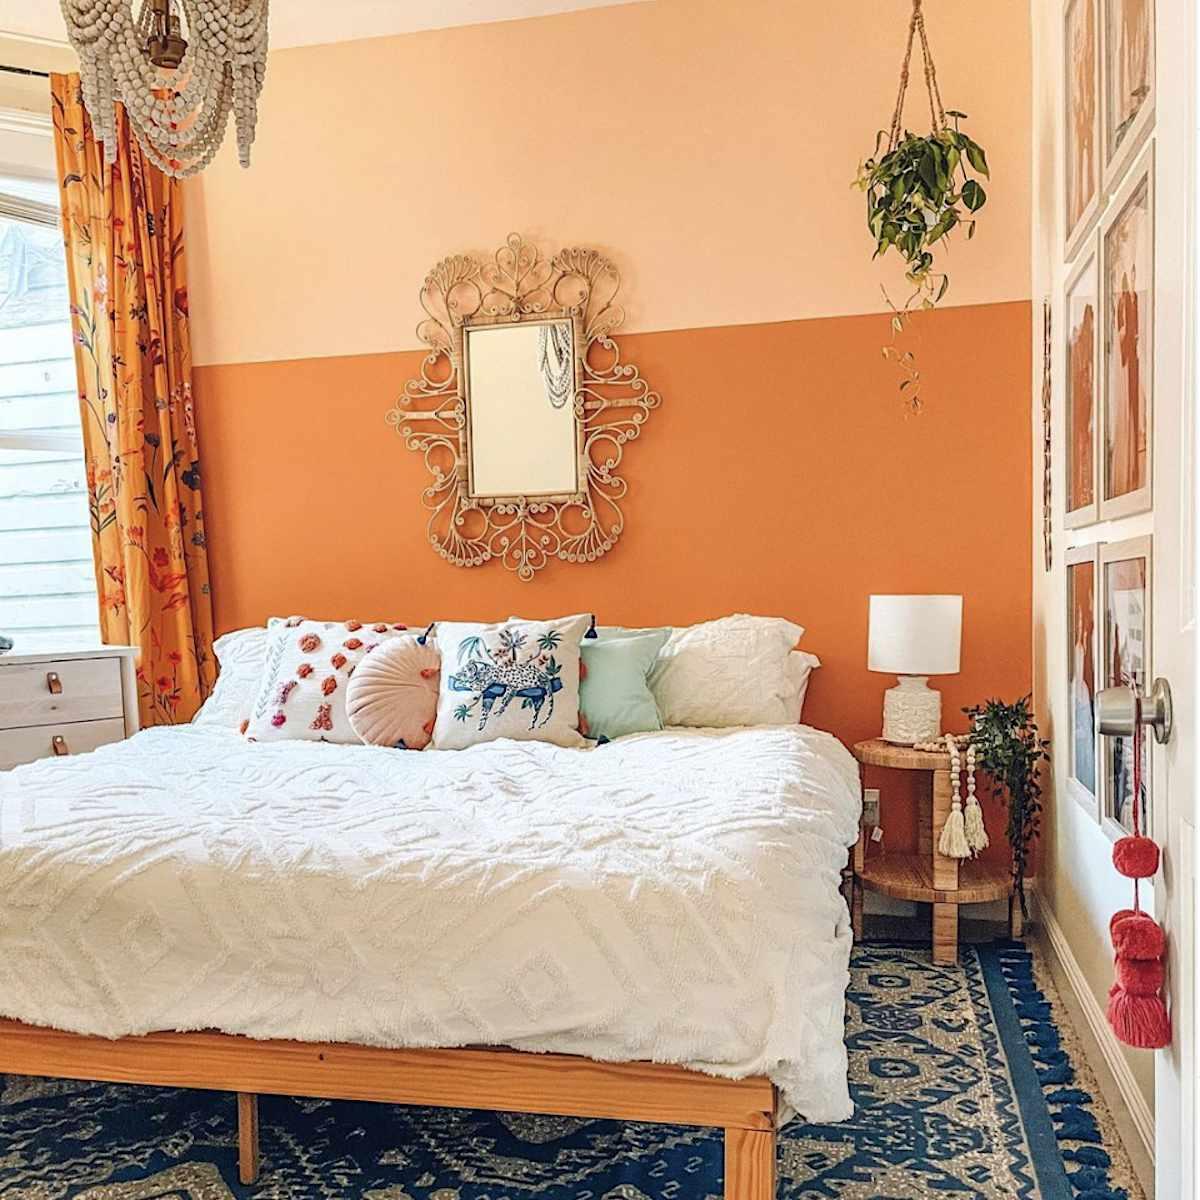 orange and blue boho style bedroom